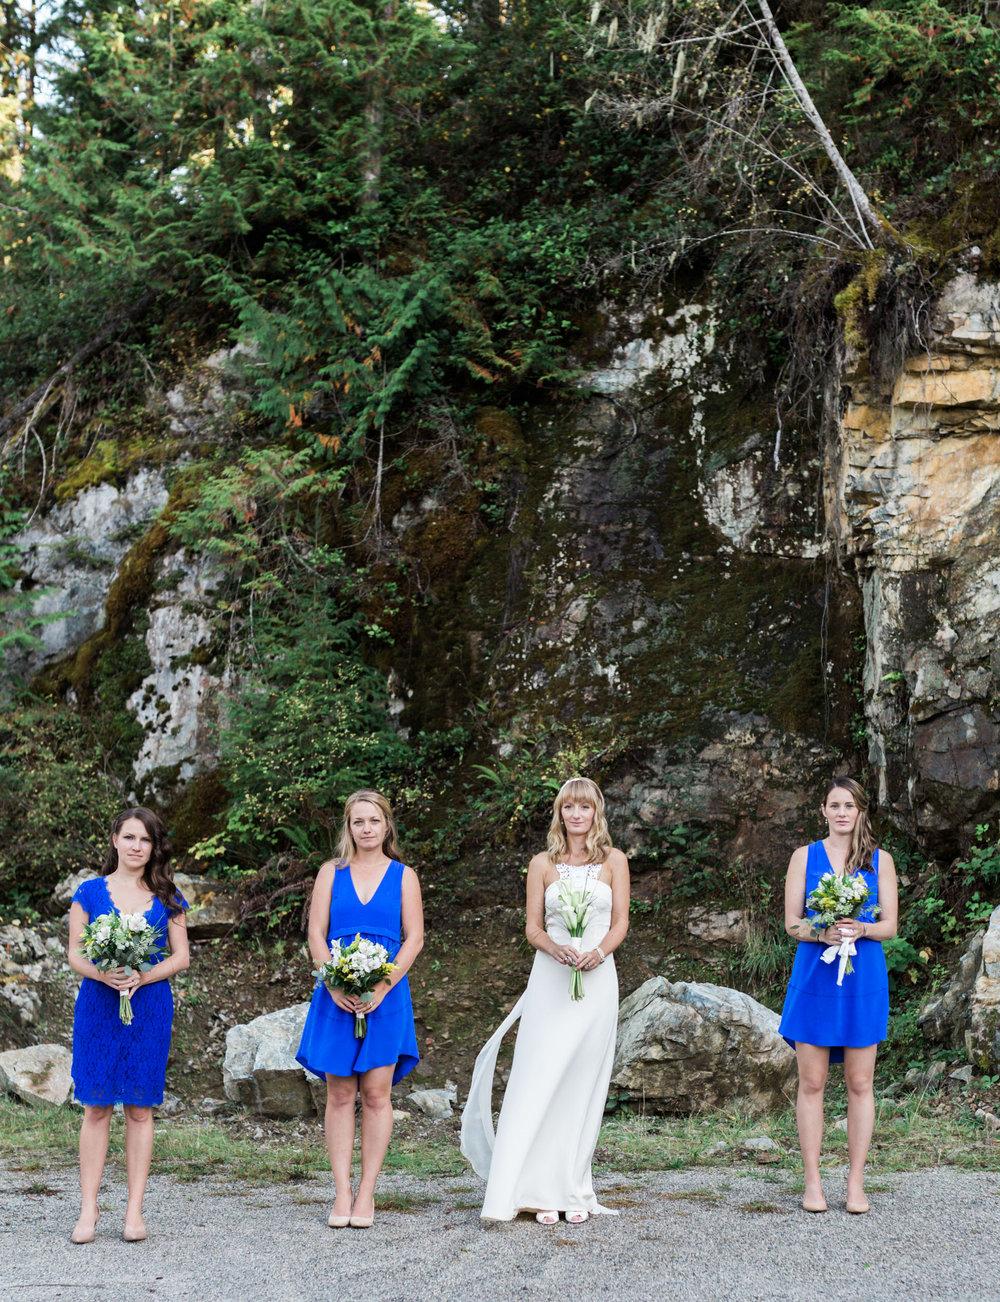 Sunshine Coast Wedding Photographer - Vancouver Wedding Photographer - West Coast Wilderness Lodge Wedding - Jennifer Picard Photography - IMG_7605.jpg